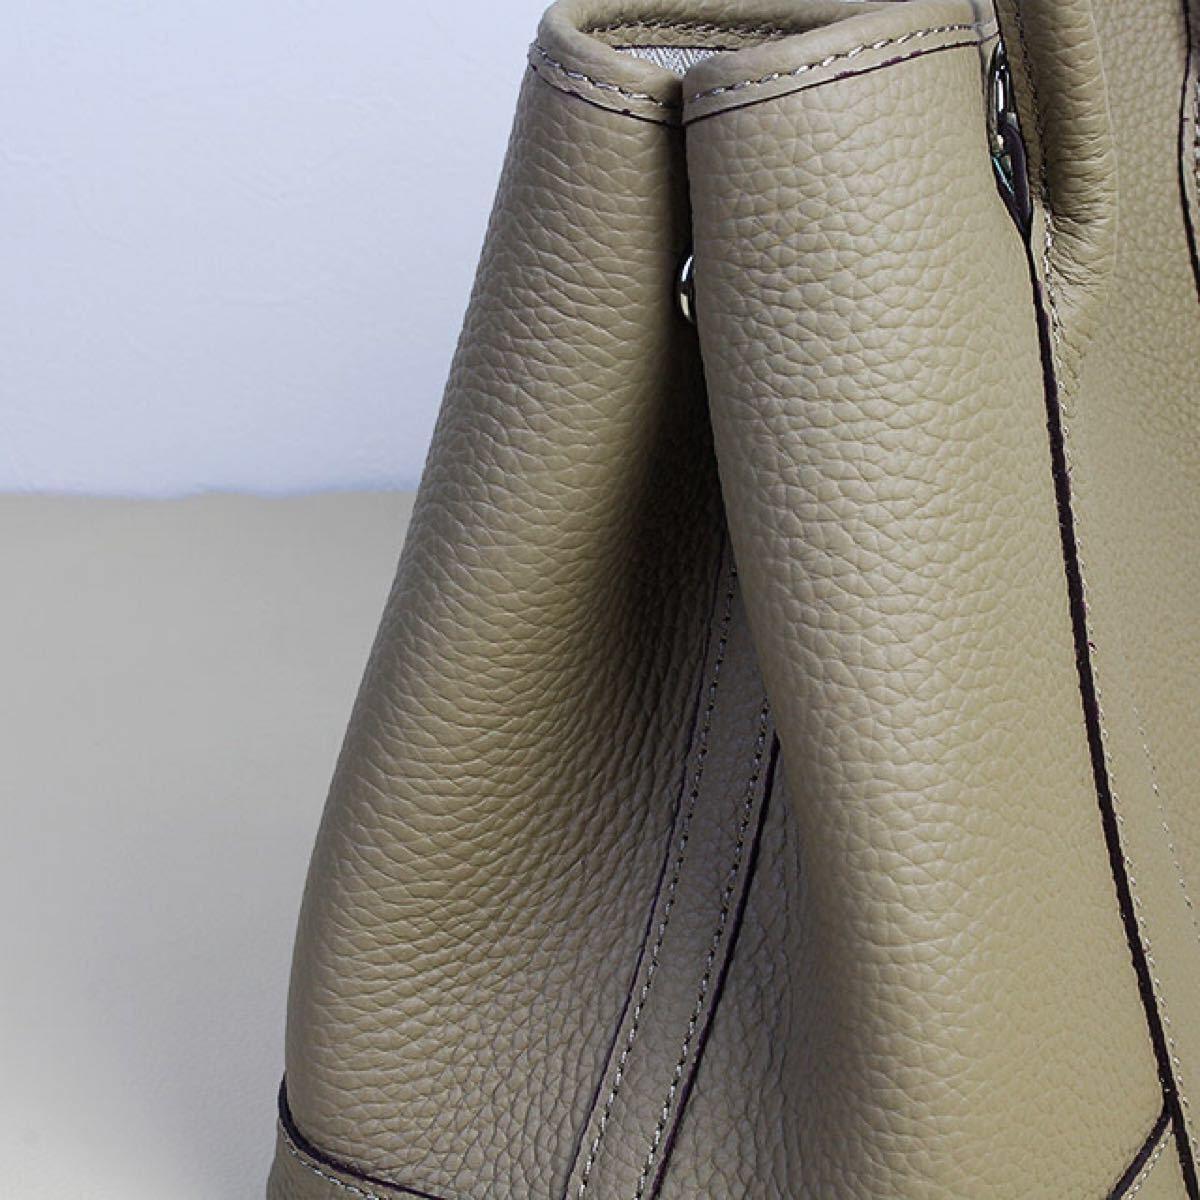 トートバッグ ショルダーバッグ 手持ちバッグ カバン バッグ 鞄 本革 ポーチ メンズ レディース ハンドバッグ レザーバッグ